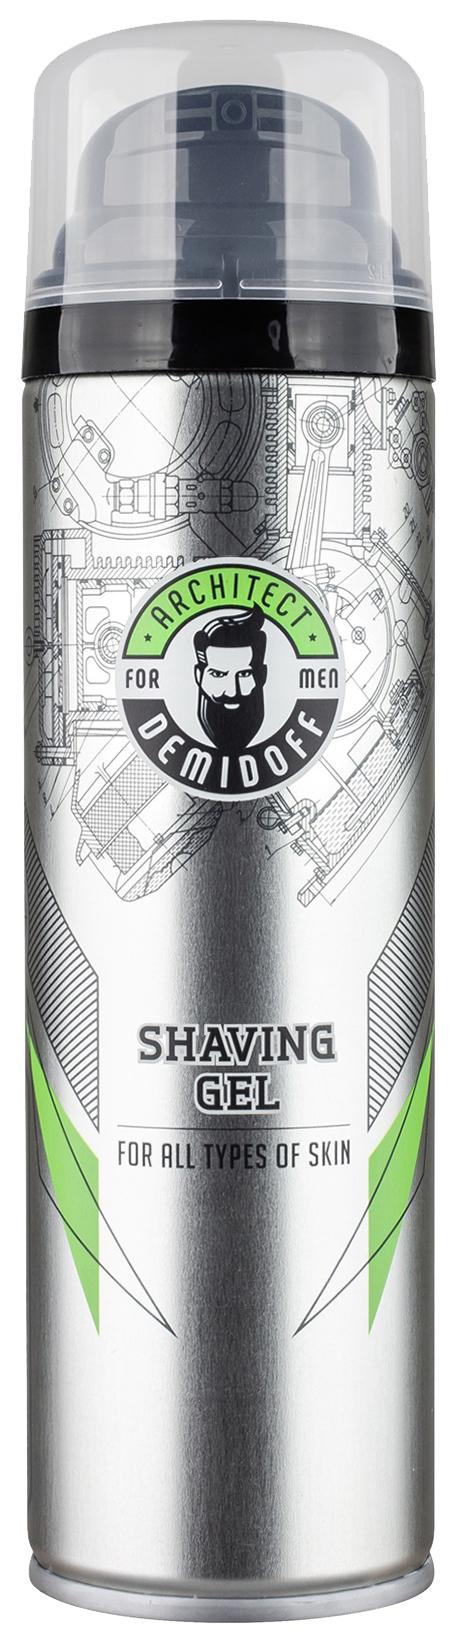 Гель для бритья Architect Demidoff Shaving Gel